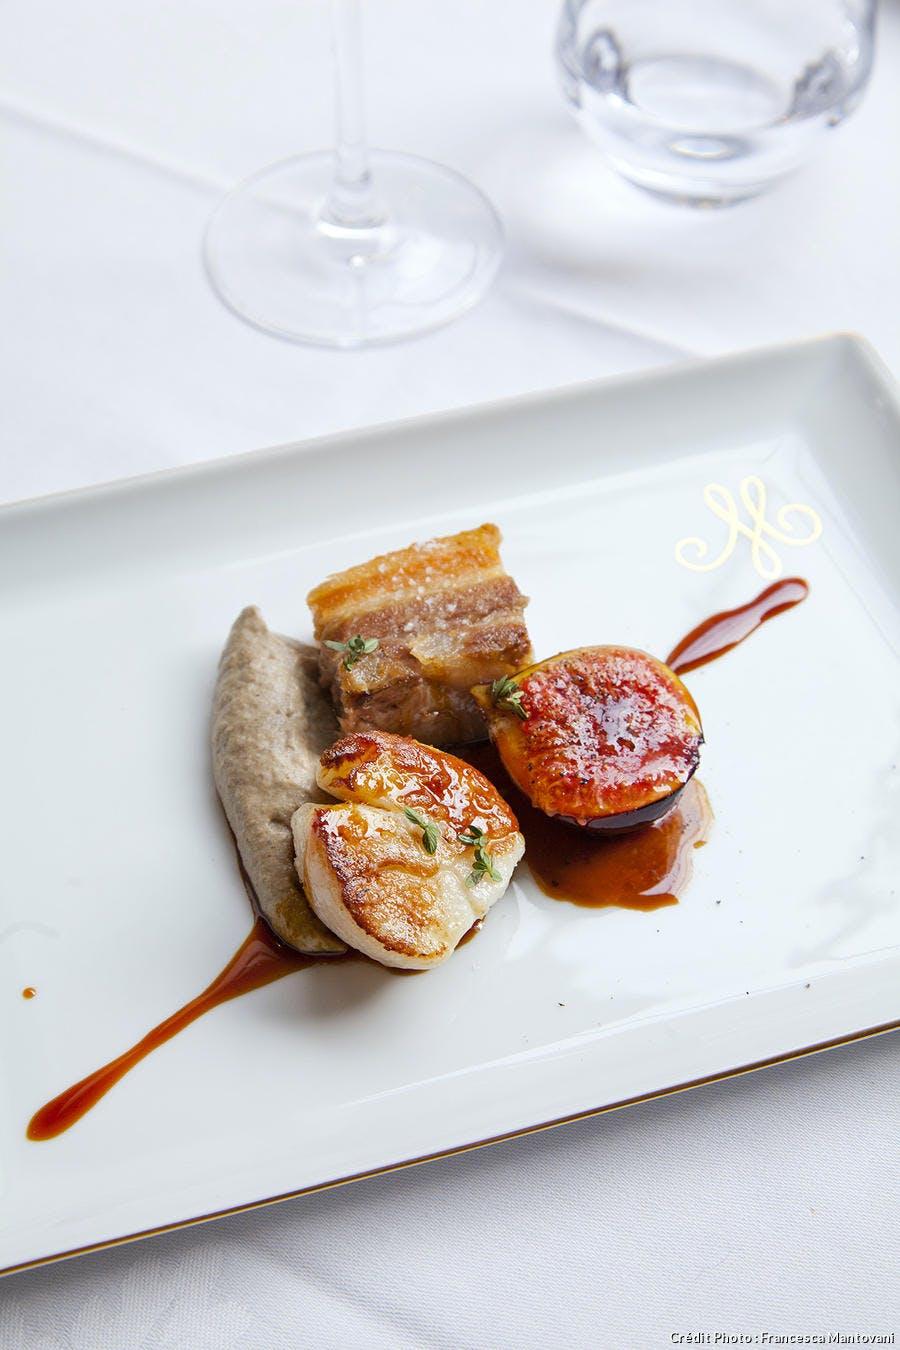 r63_saint-jacques-cote-opale-grillee-poitrine-cochon-confite-mousseline-champignons_fm.jpg